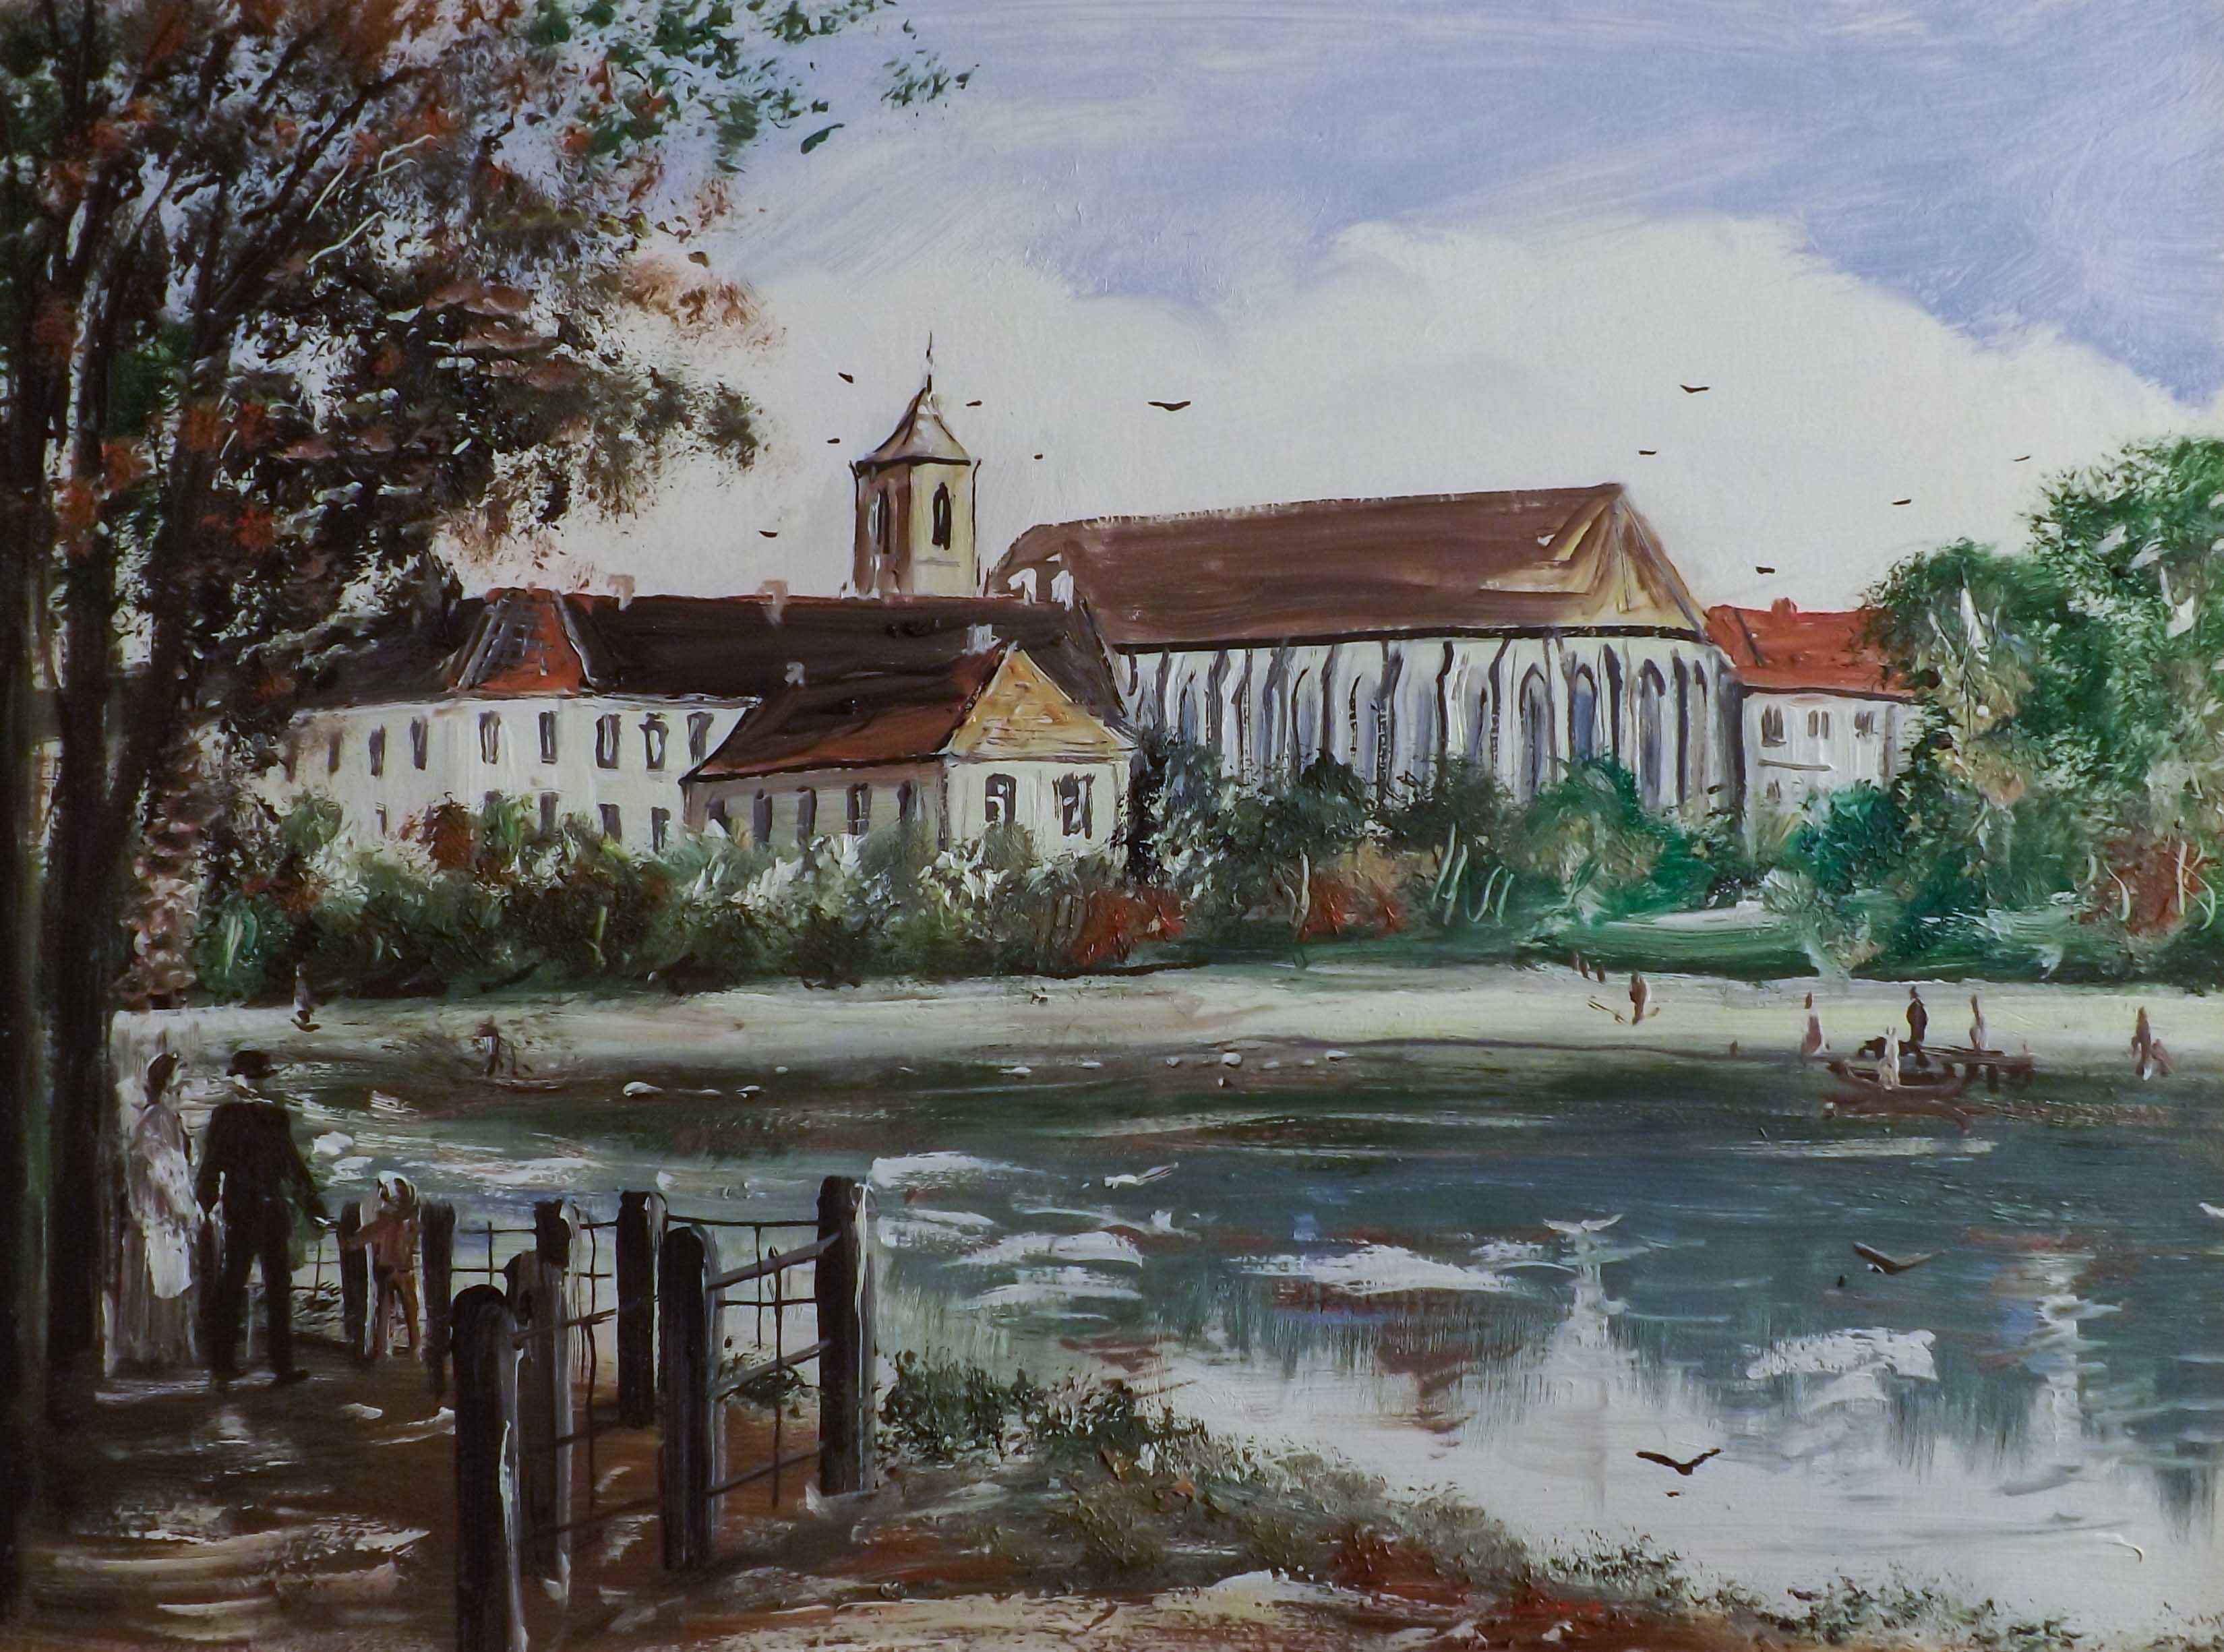 https://peter-natusch.de/wp-content/uploads/2018/01/Breslau-Sandkirche-1.jpg